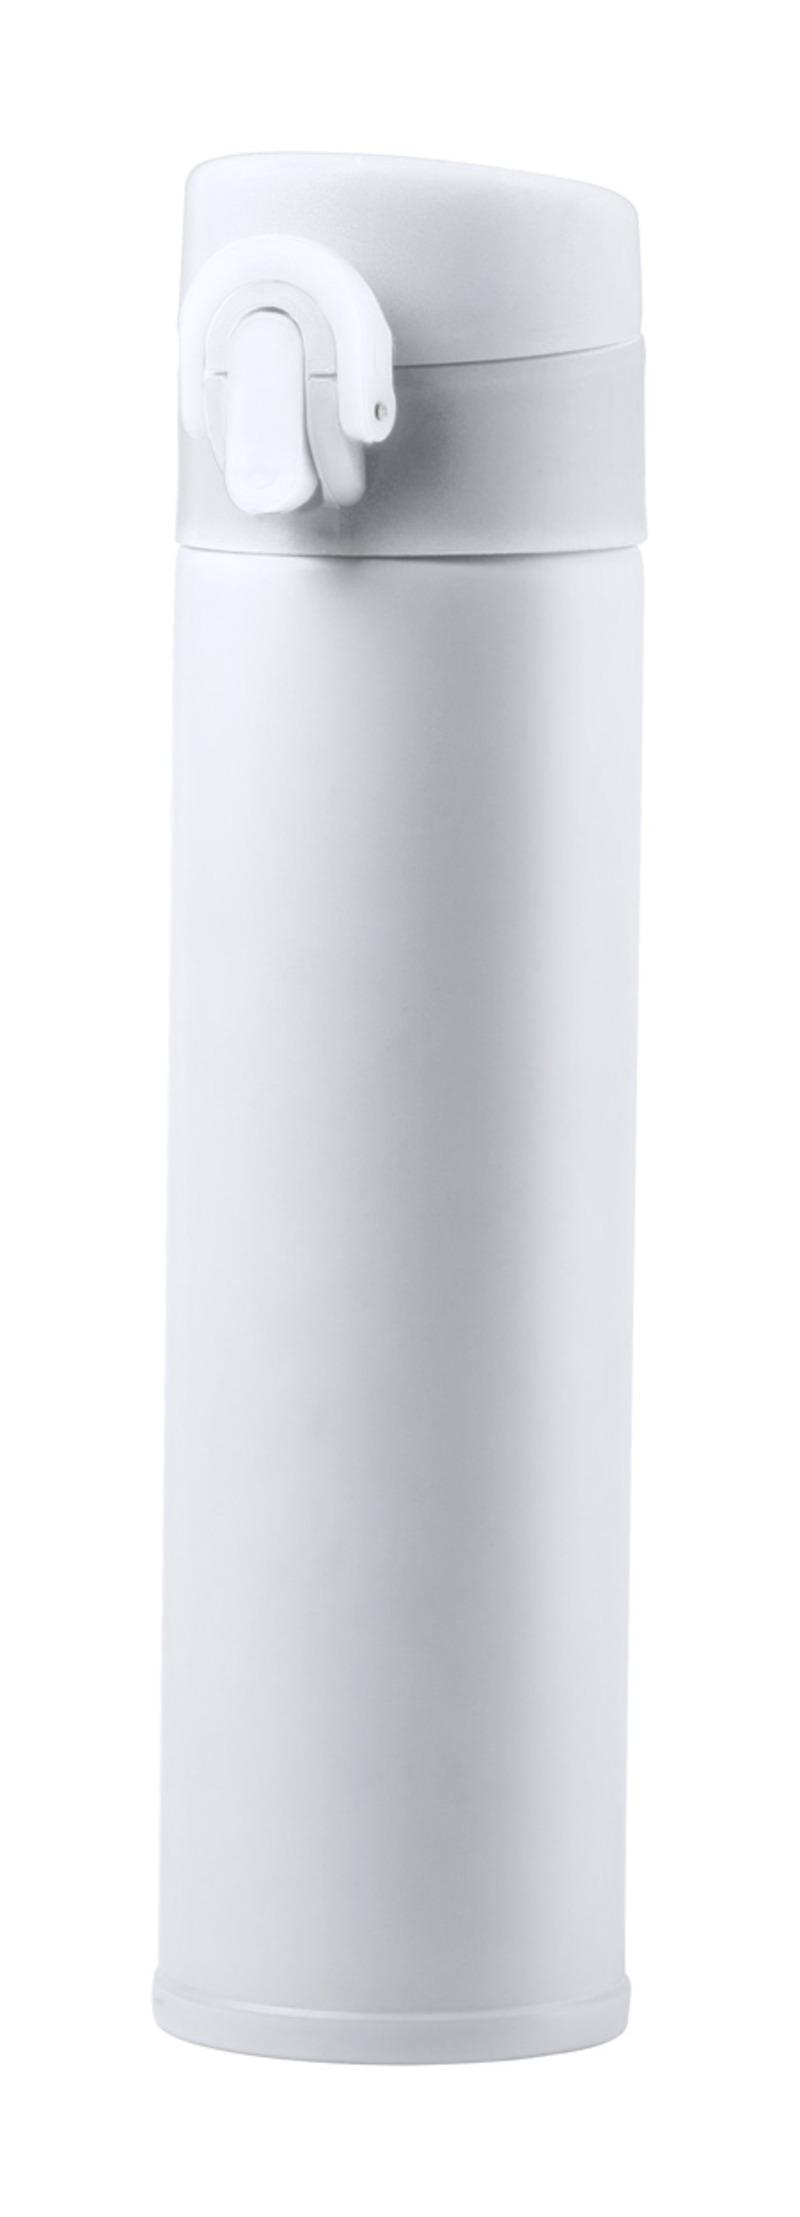 Poltax vacuum flask